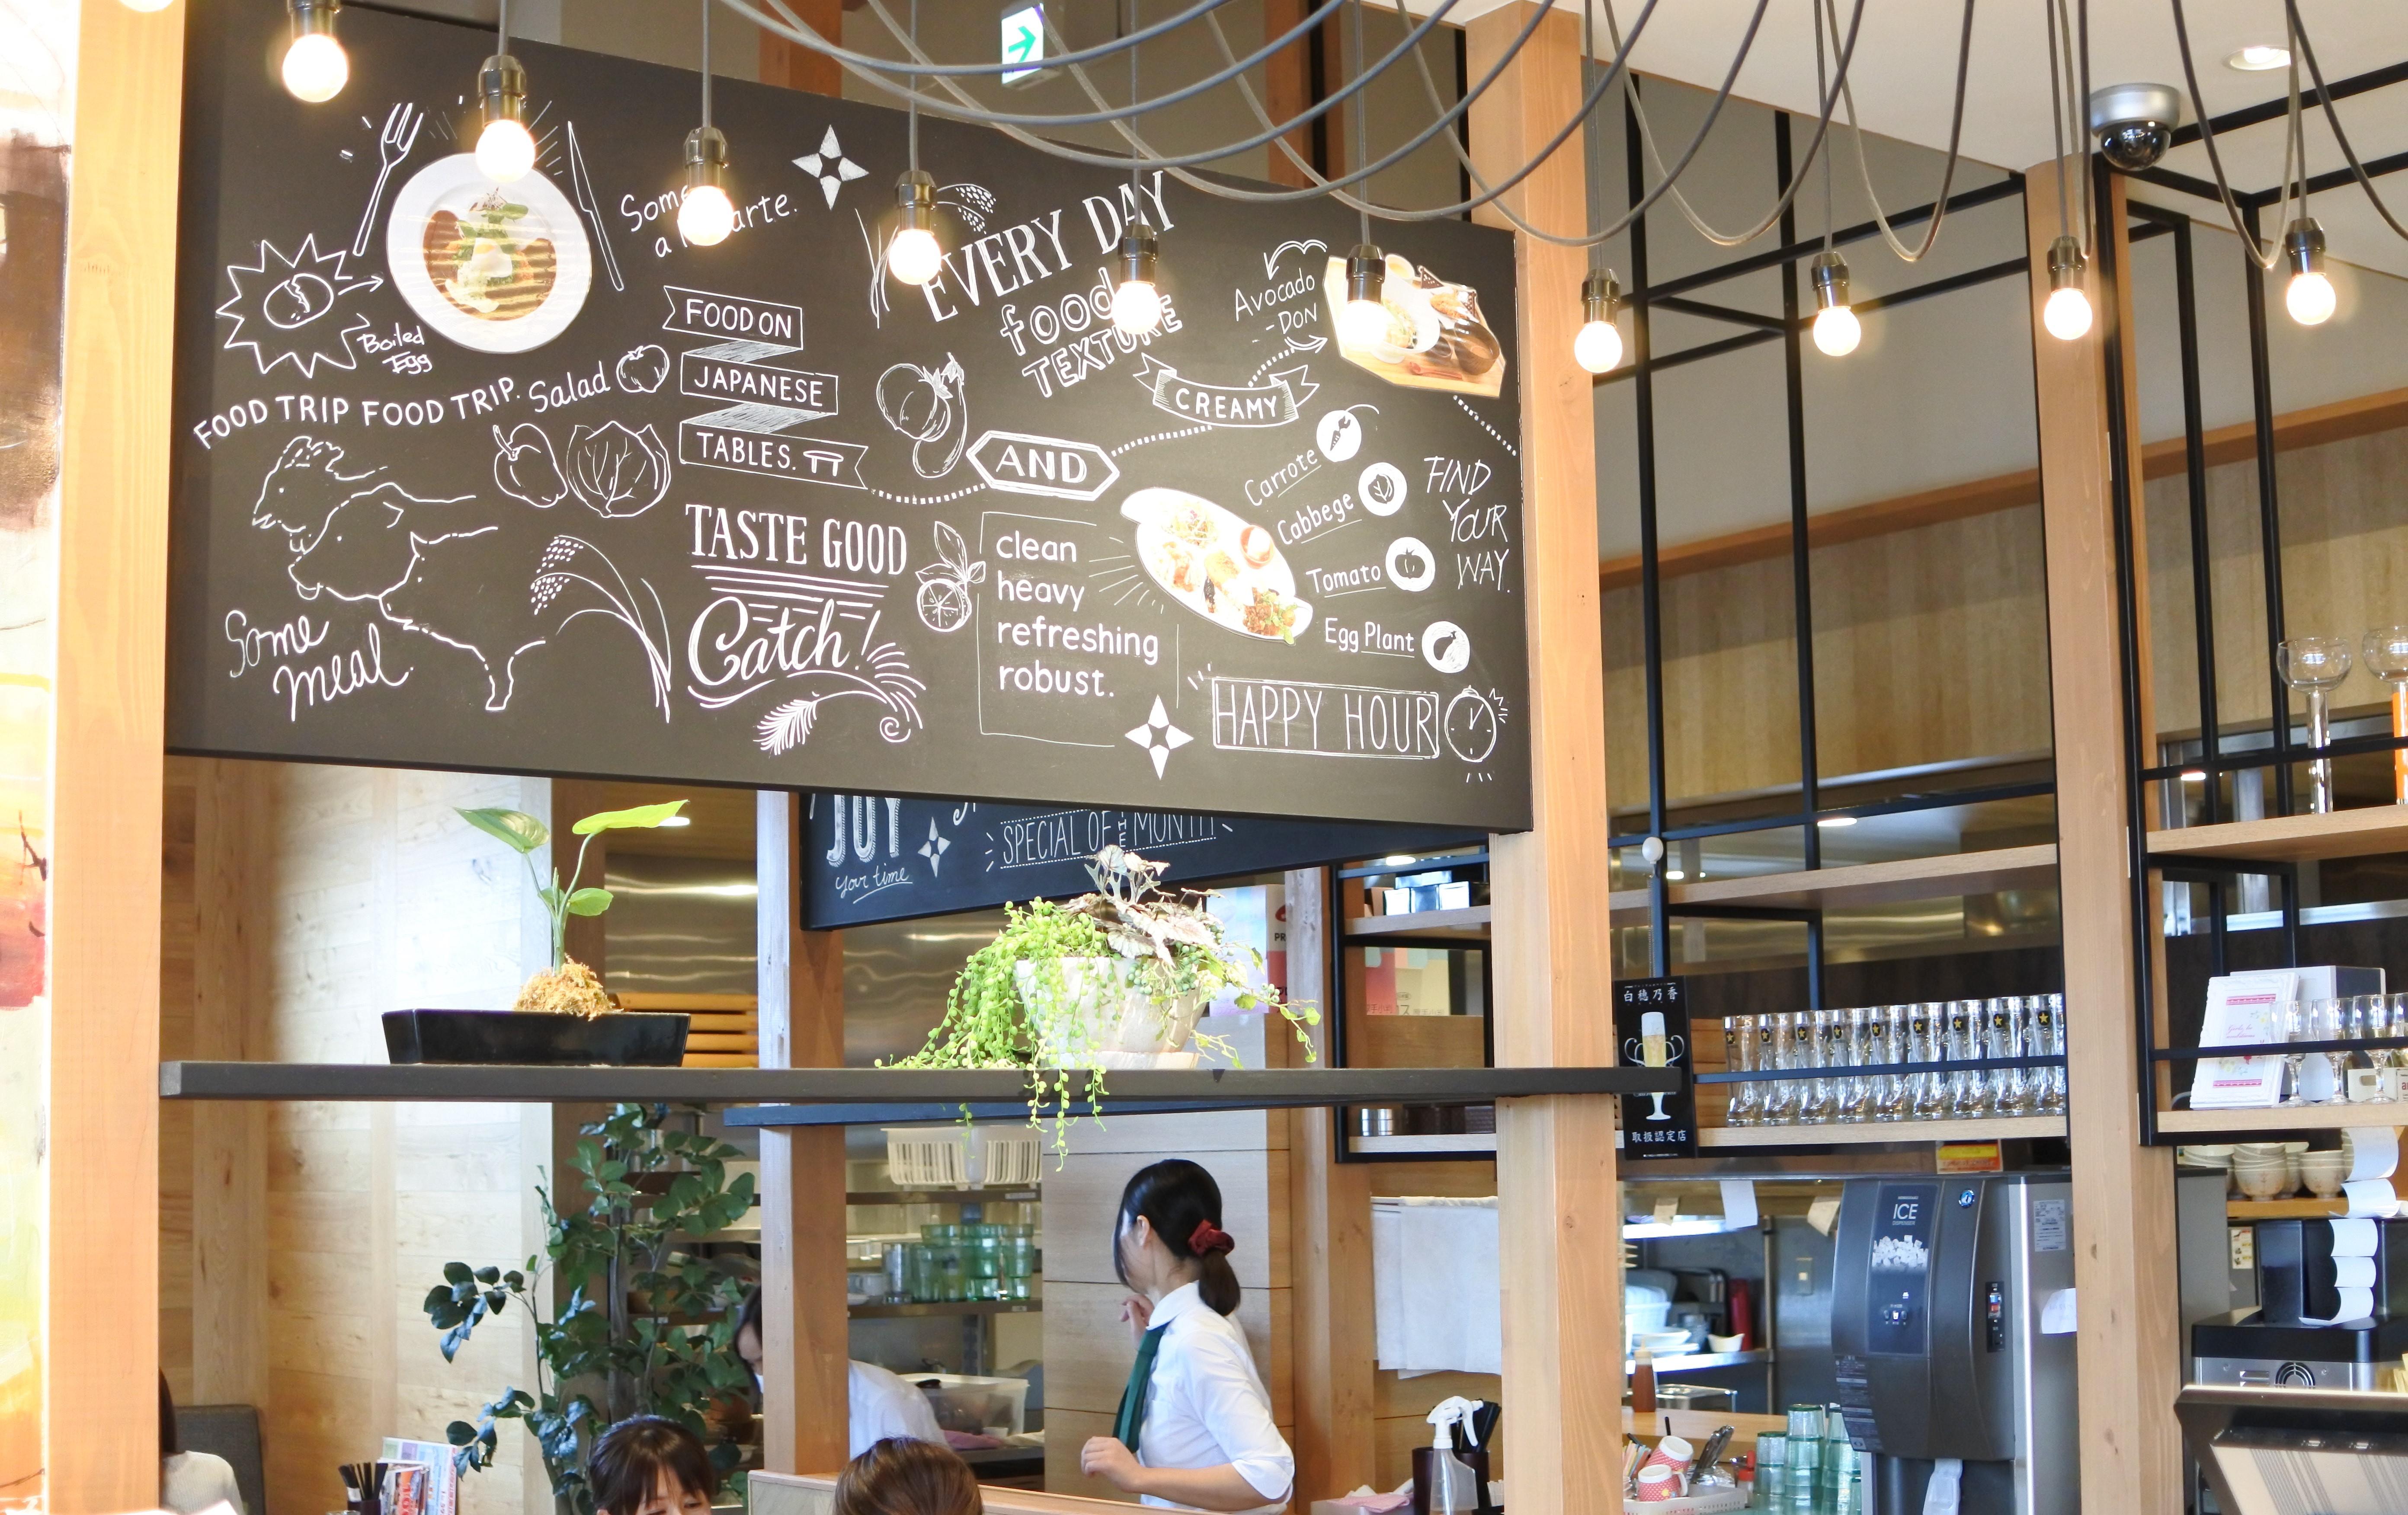 栄養バランス抜群の定食を、リーズナブルに。ごはんカフェ『お台所ふらり』 - DSC 1089